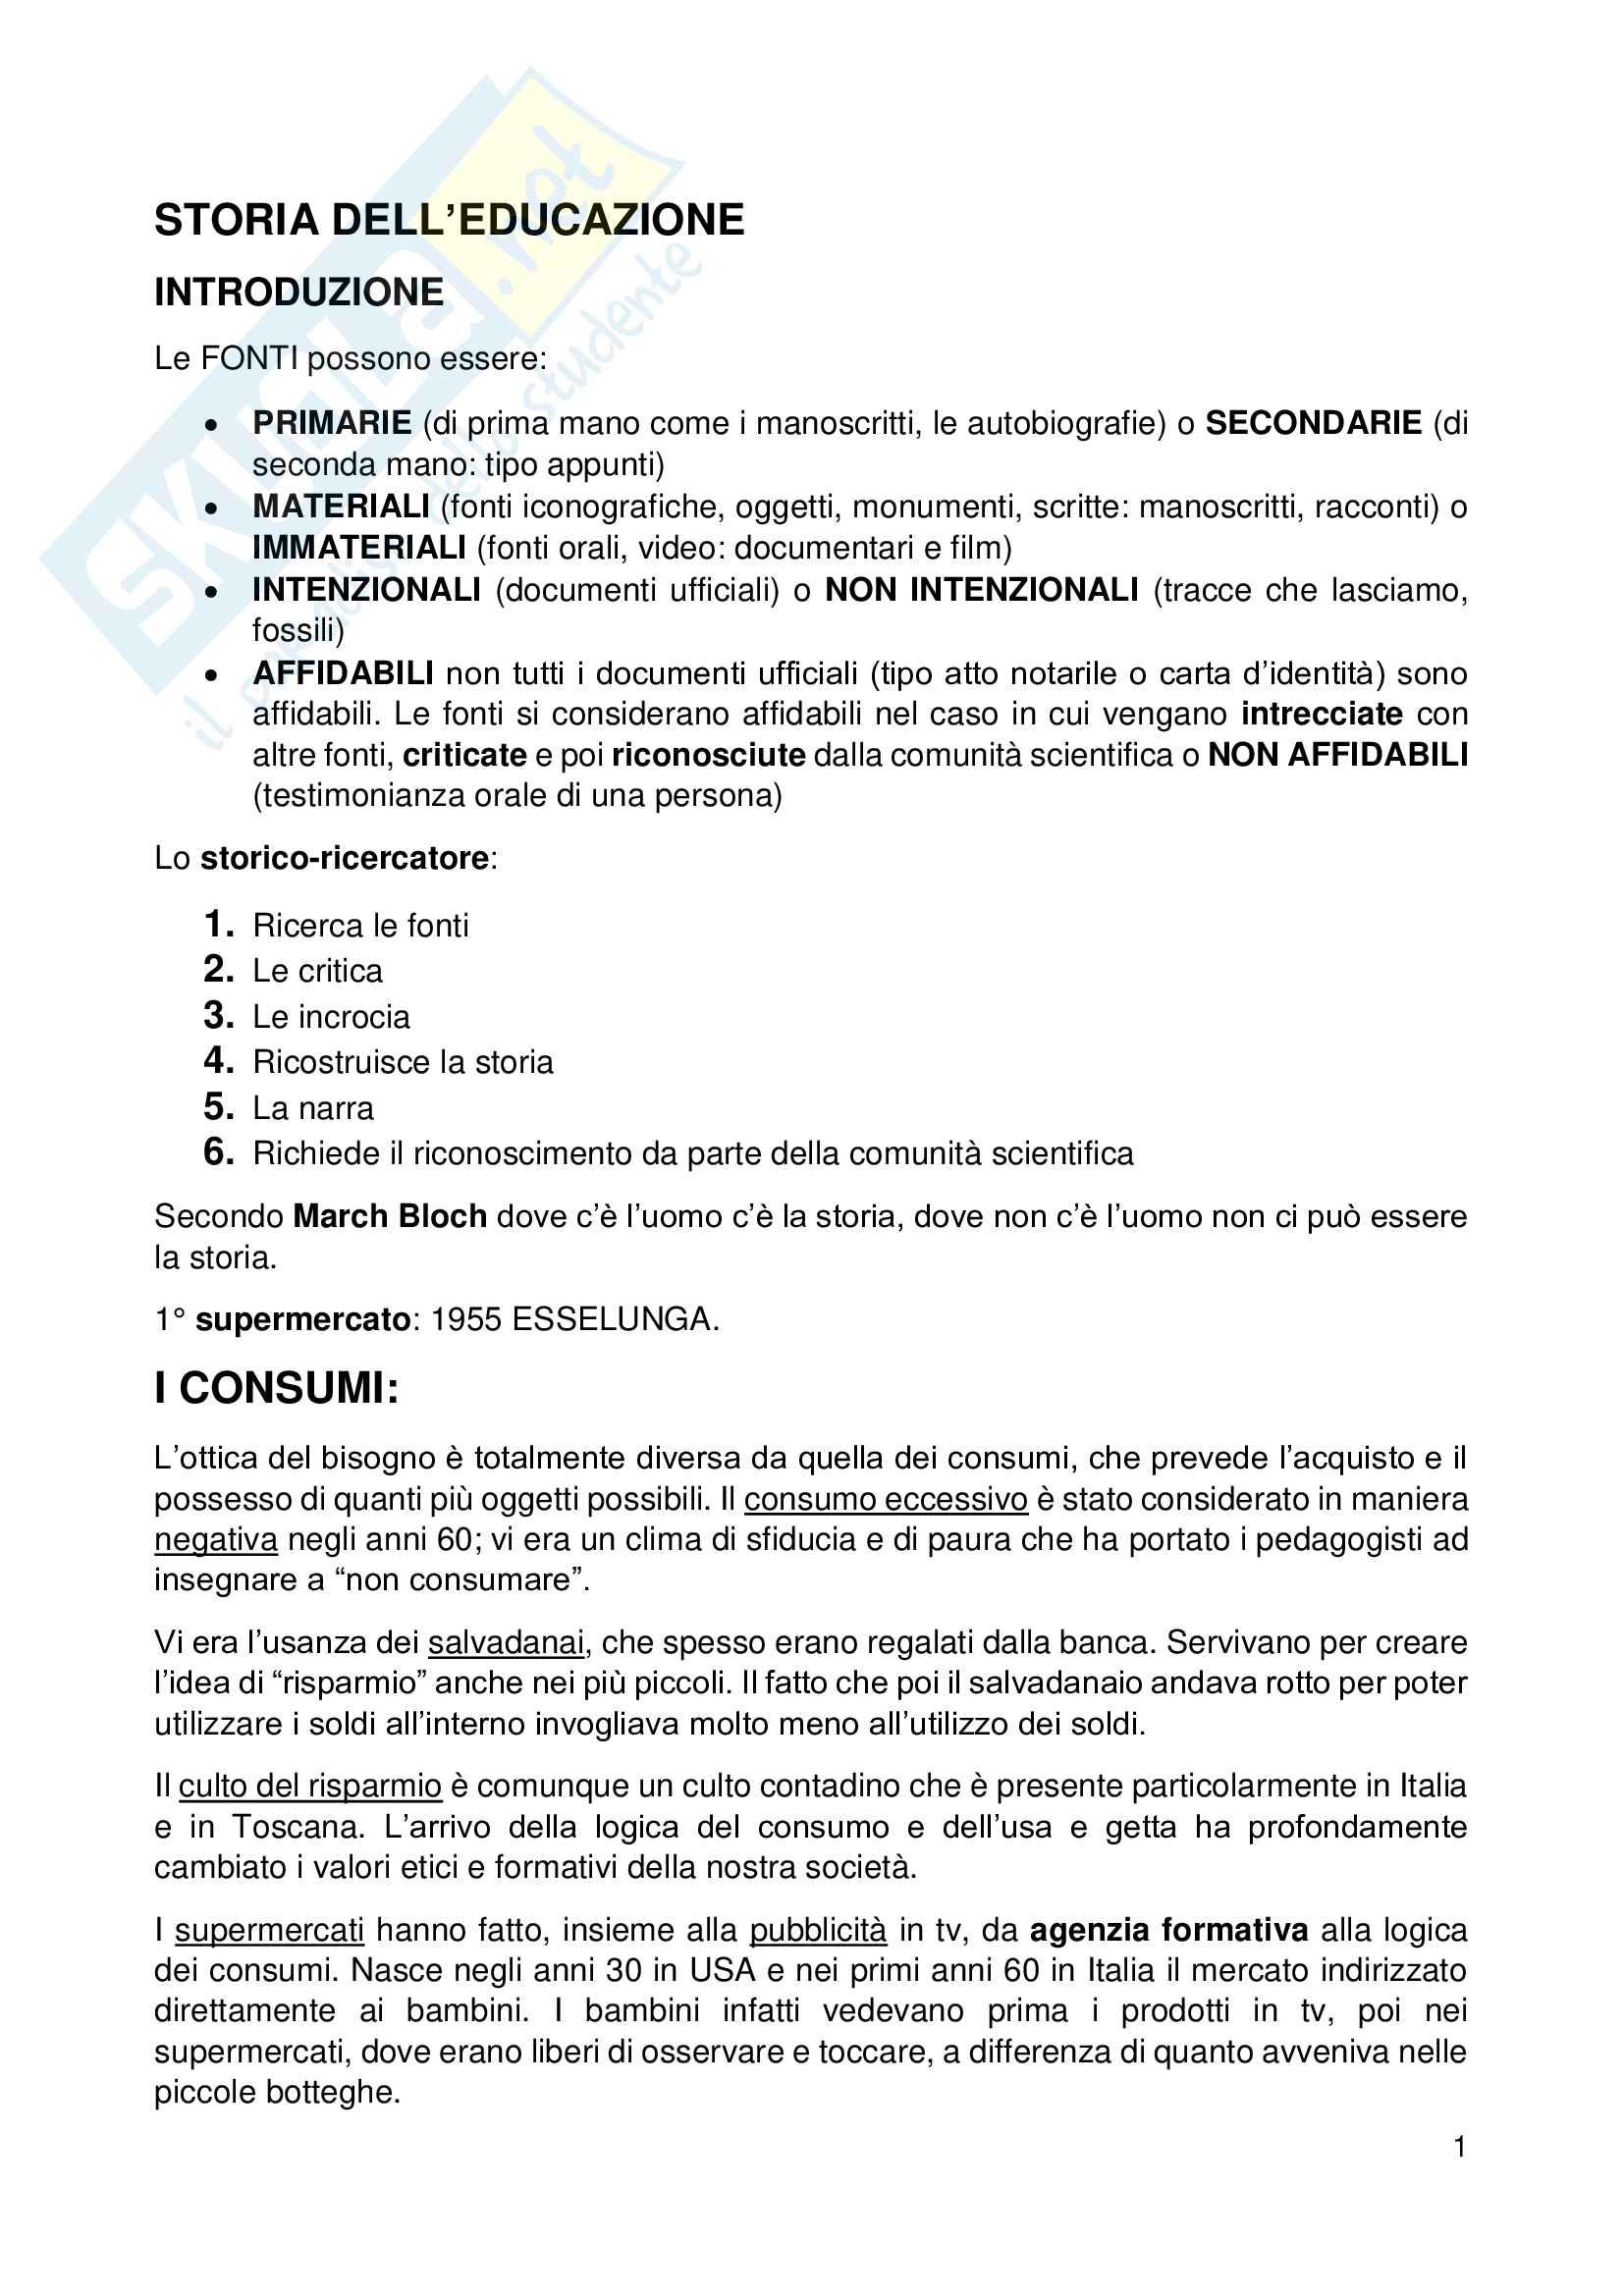 Appunti Storia dell'educazione - Oliviero Pag. 1